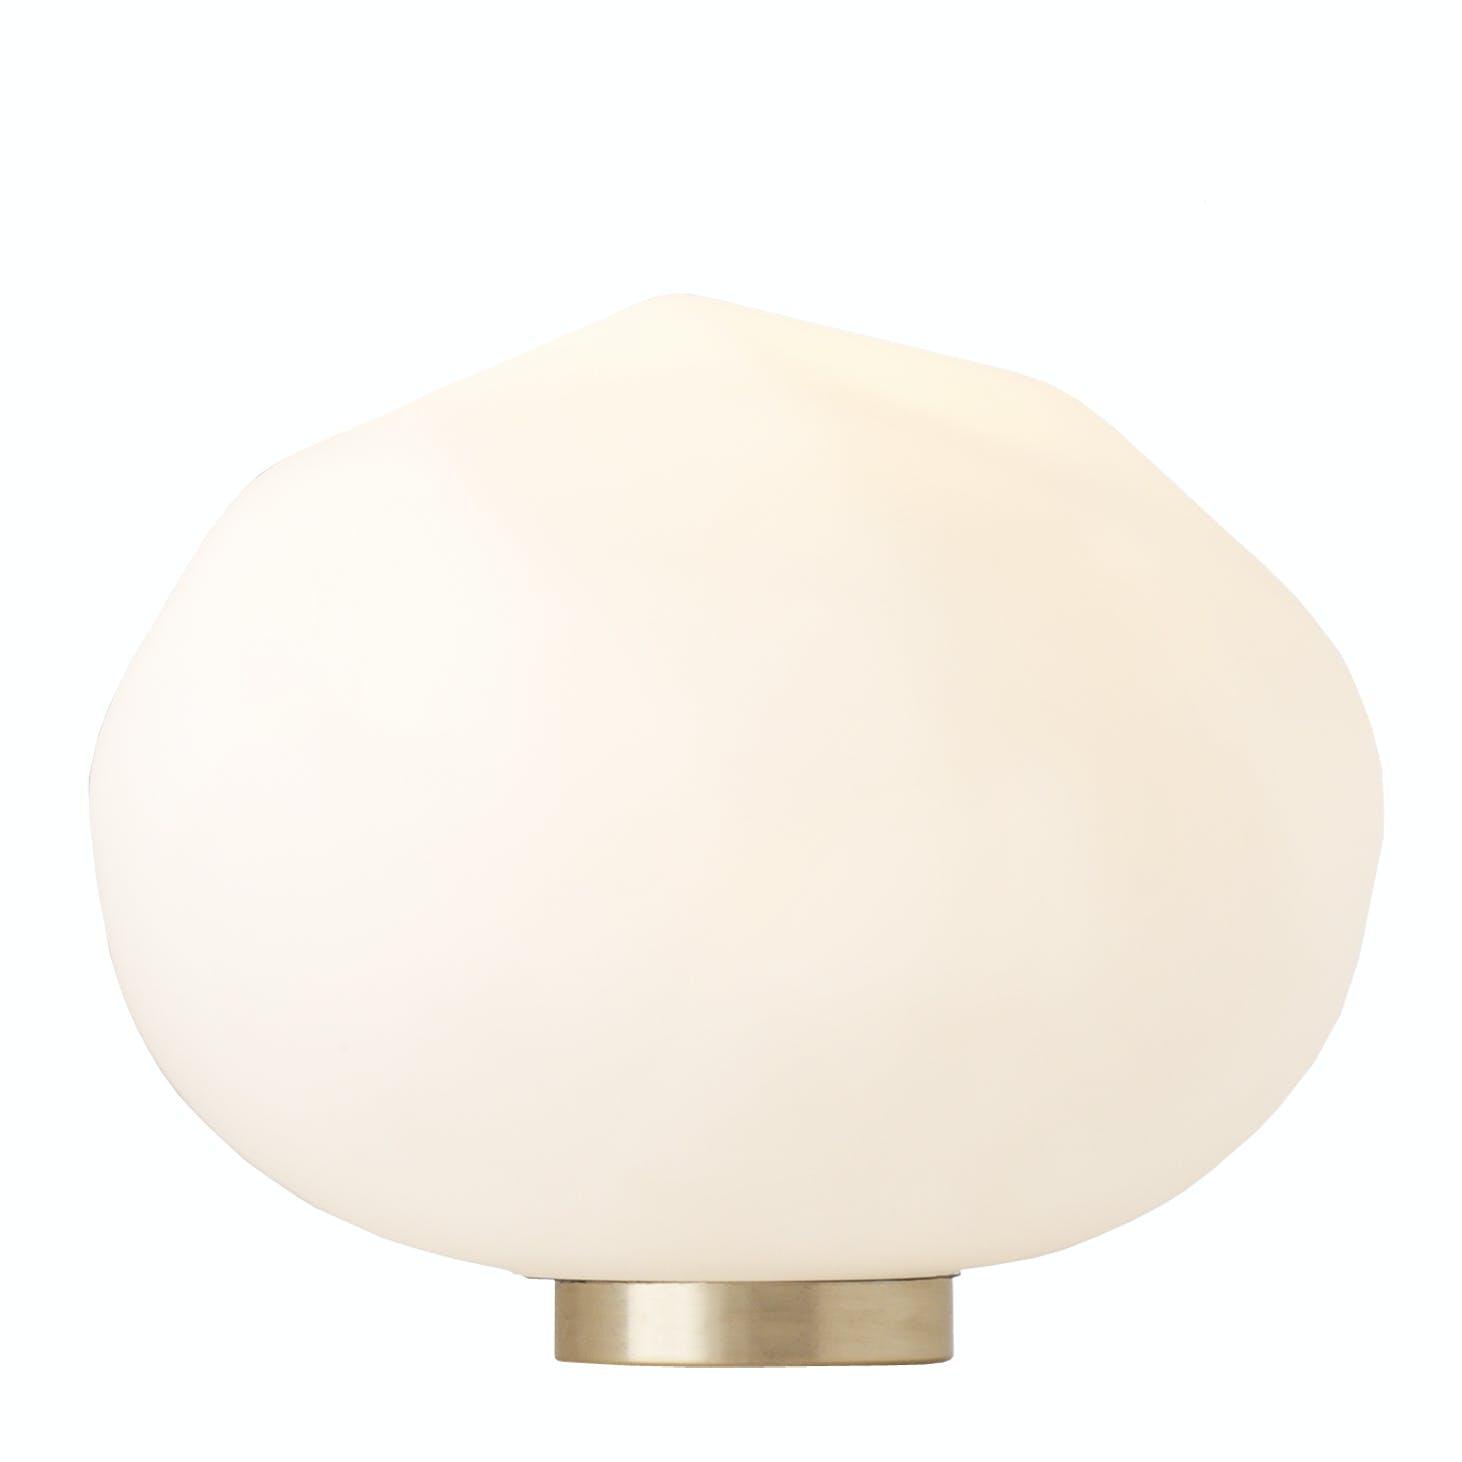 Resident-furniture-parison-table-light-haute-living-thumbnail